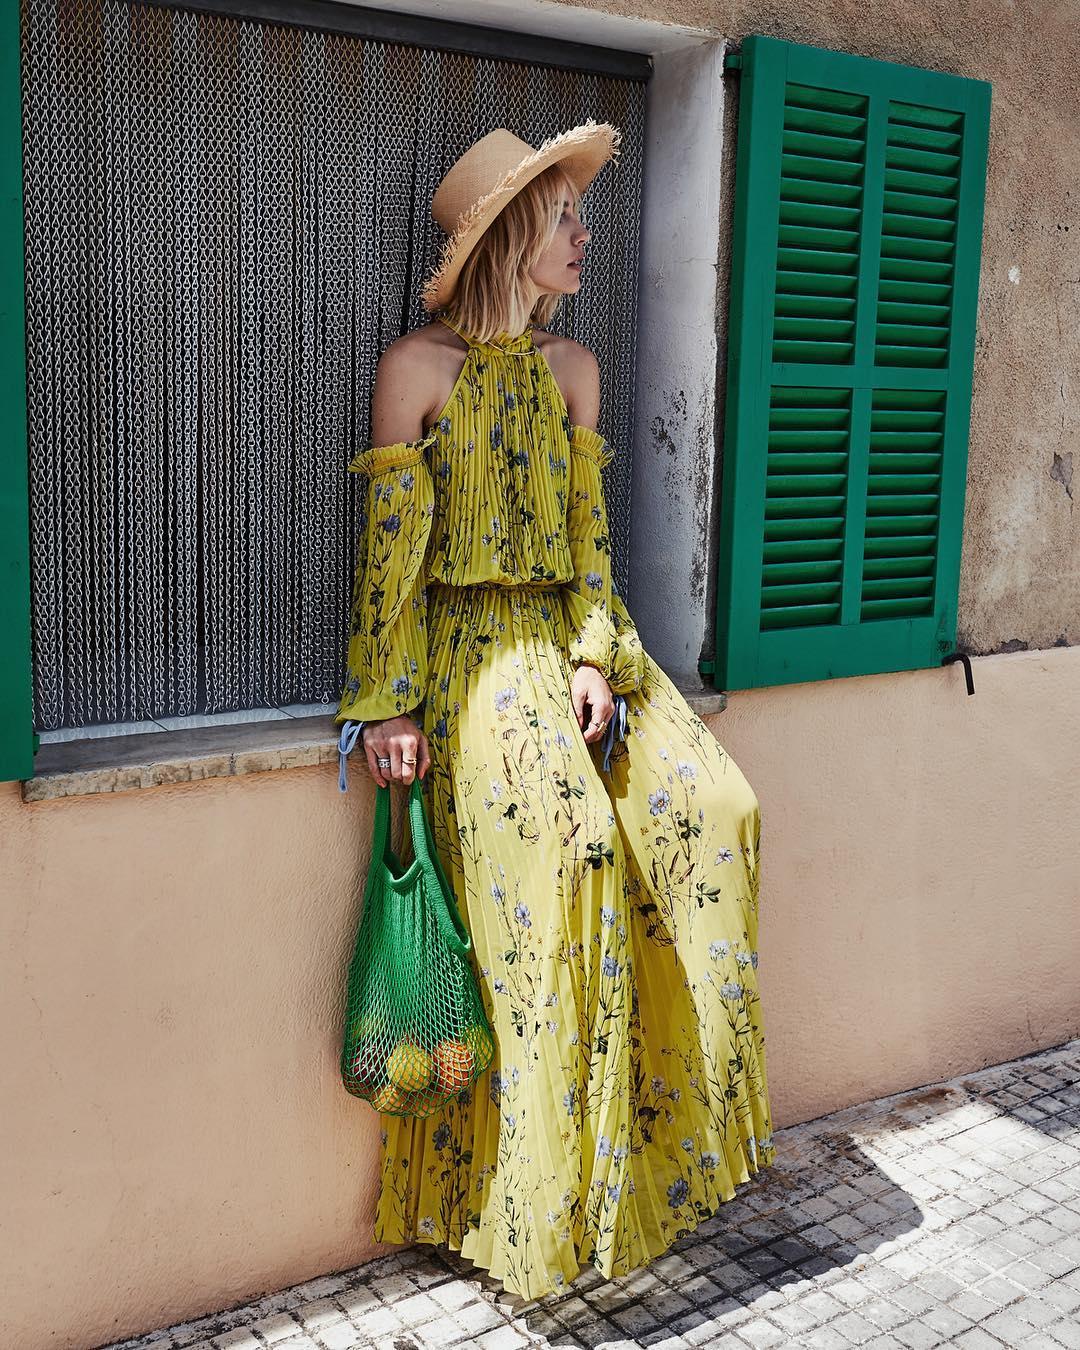 Váy mùa hè voan dài in hoa màu vàng, mũ cói đi biển